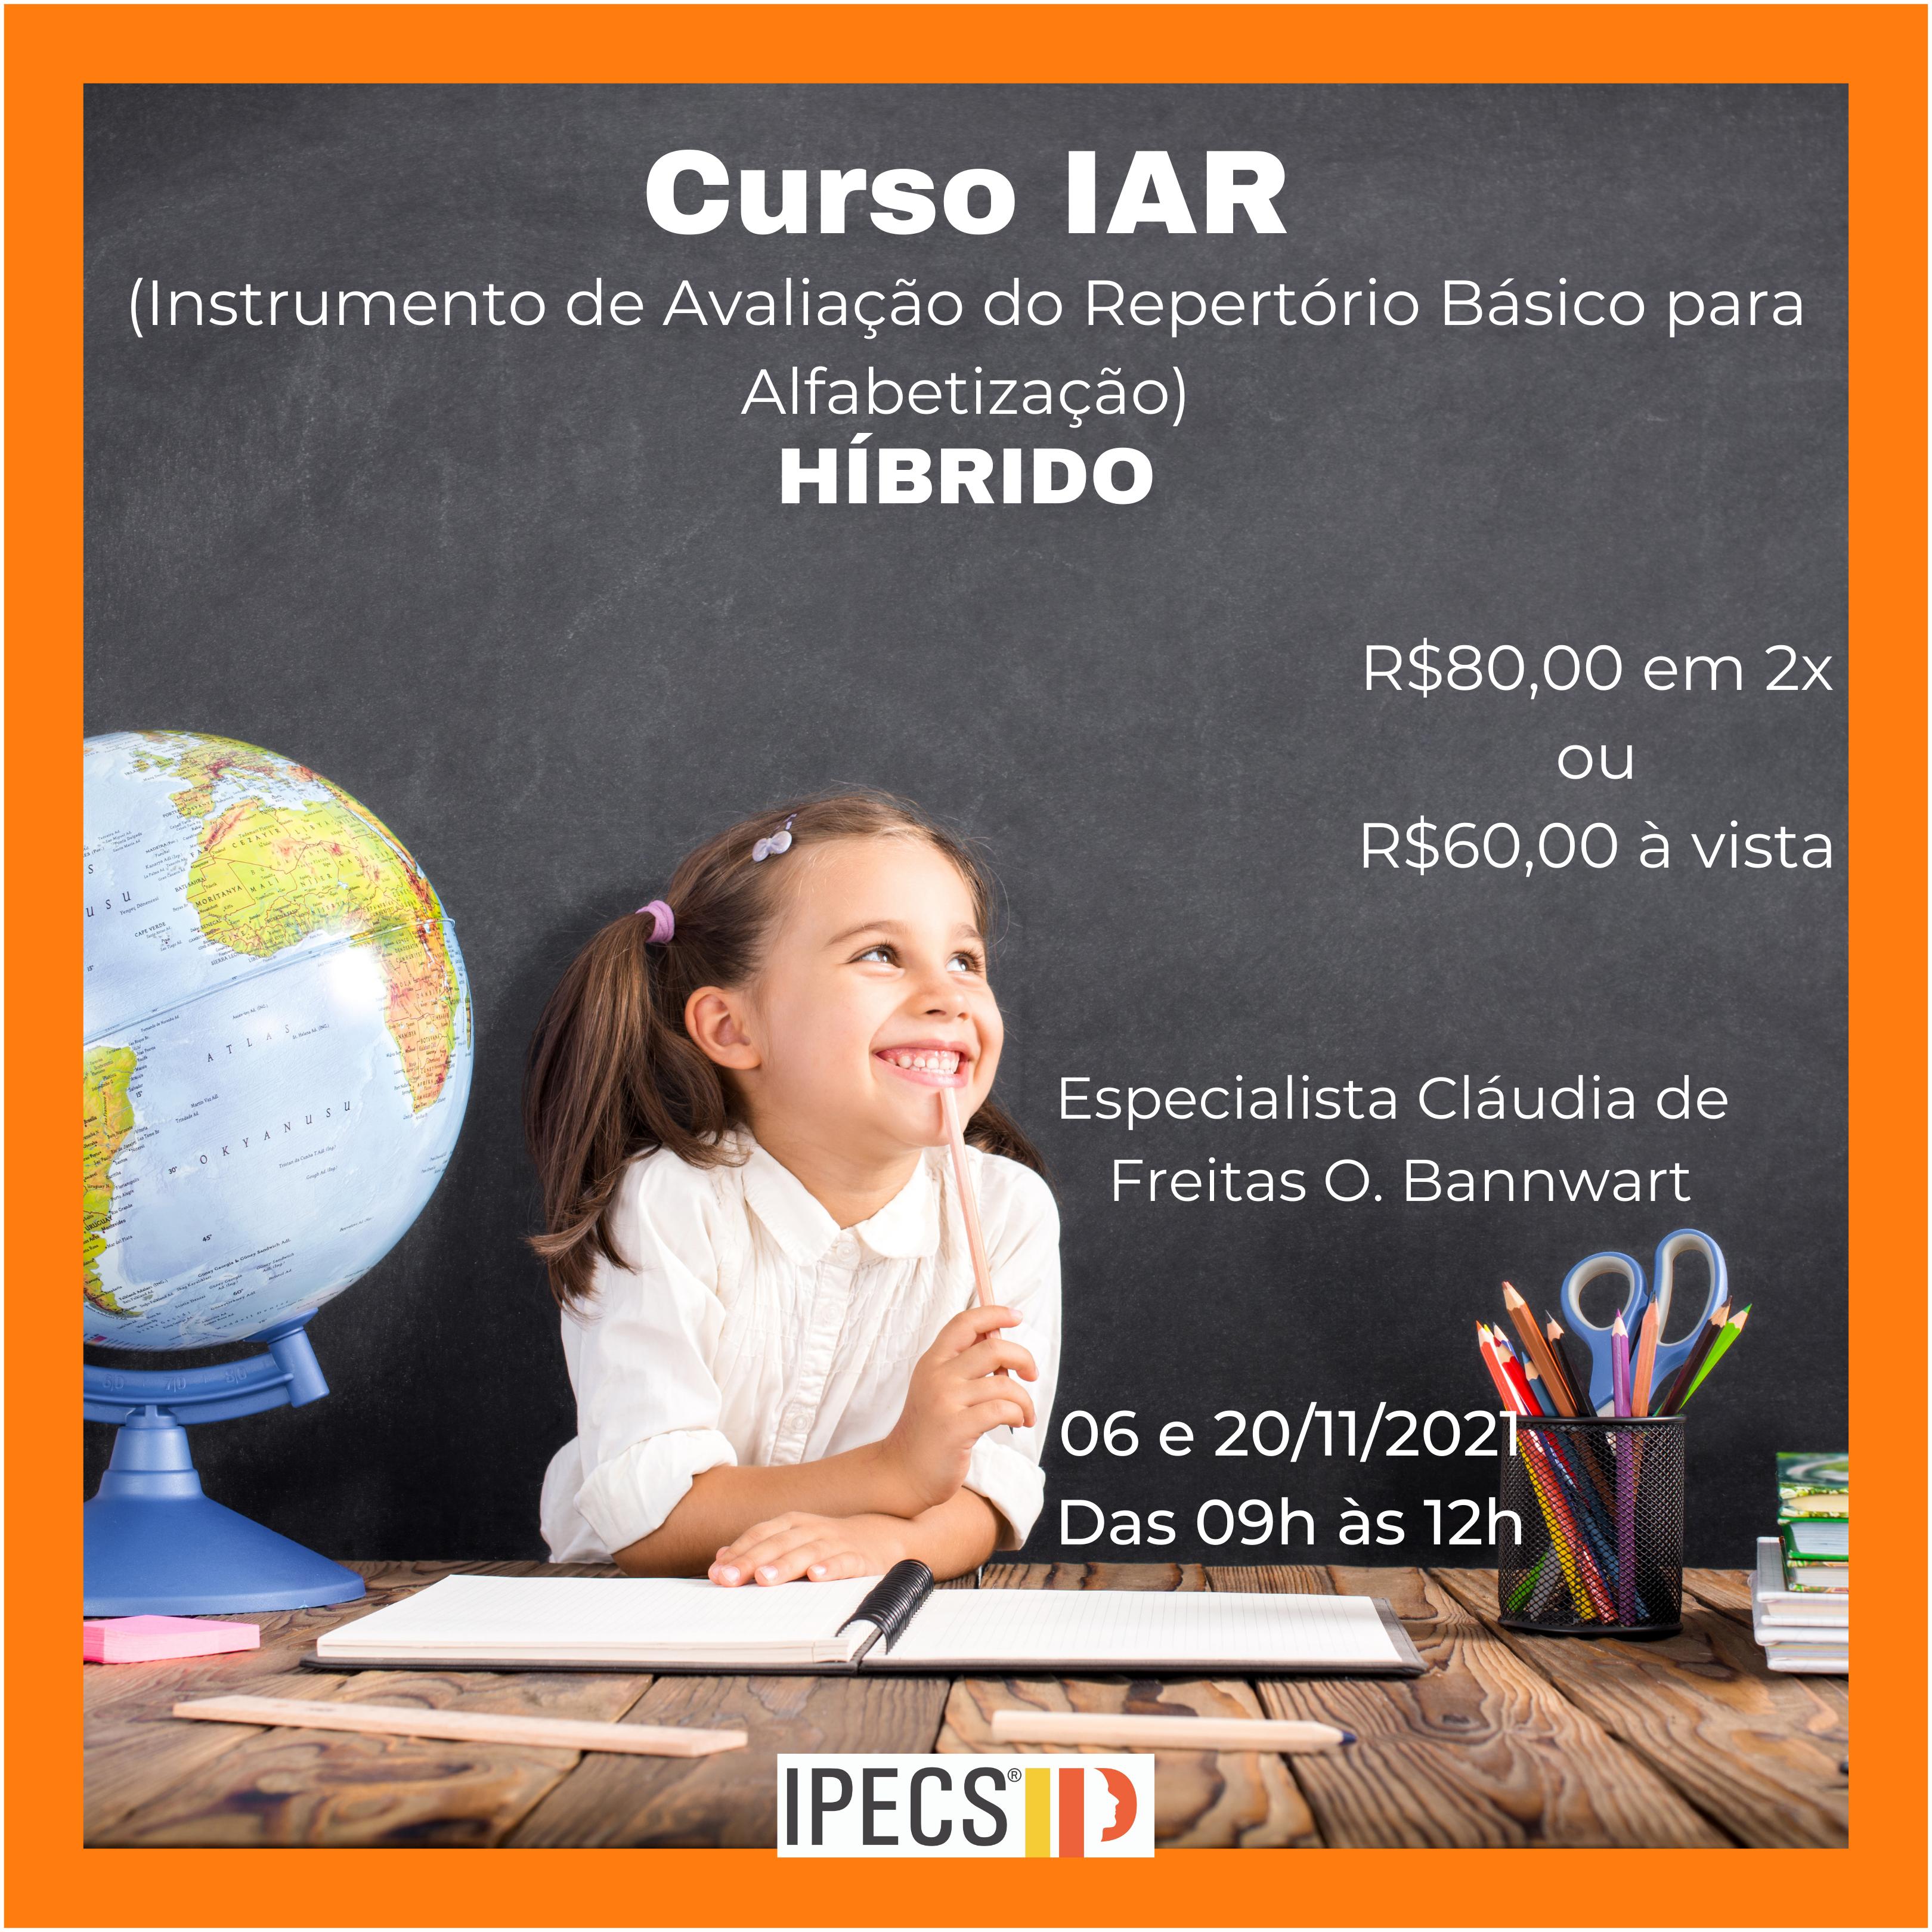 Curso IAR (1)